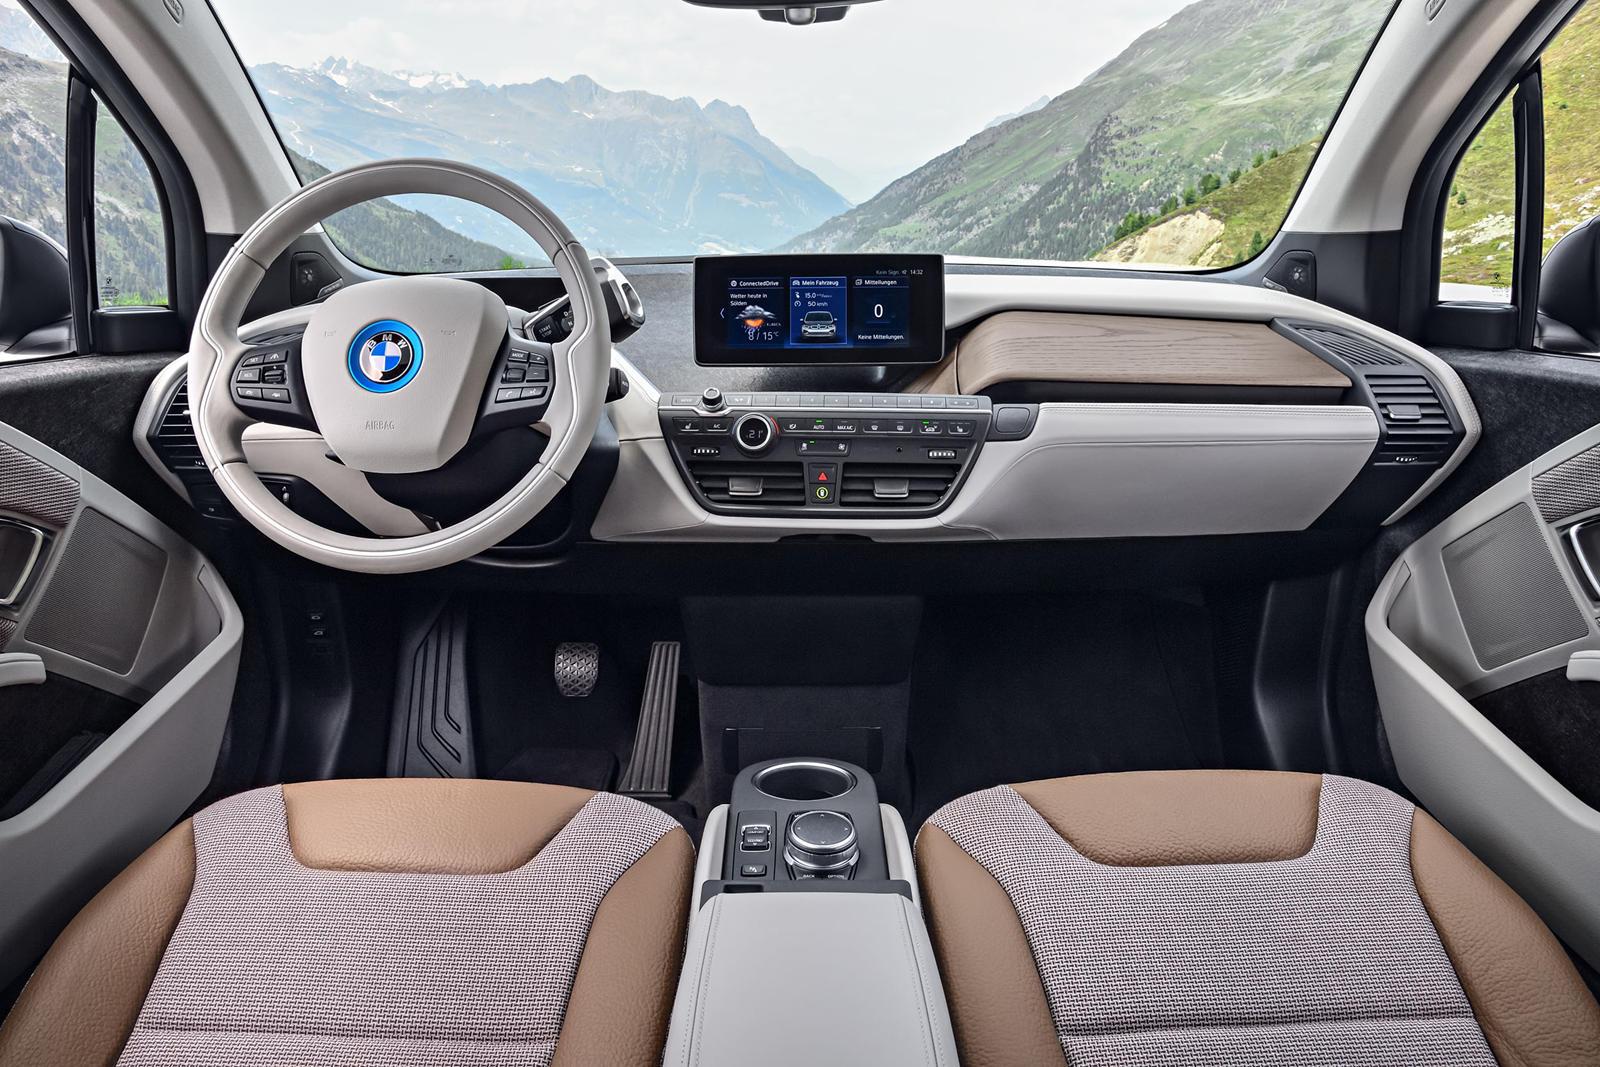 Является ли BMW i3 чистым электромобилем или гибридом? Ответ «да», в зависимости версии. По своей сути это электромобиль. Однако его также можно использовать с расширителем диапазона - небольшим двигателем внутреннего сгорания, который включается, ко